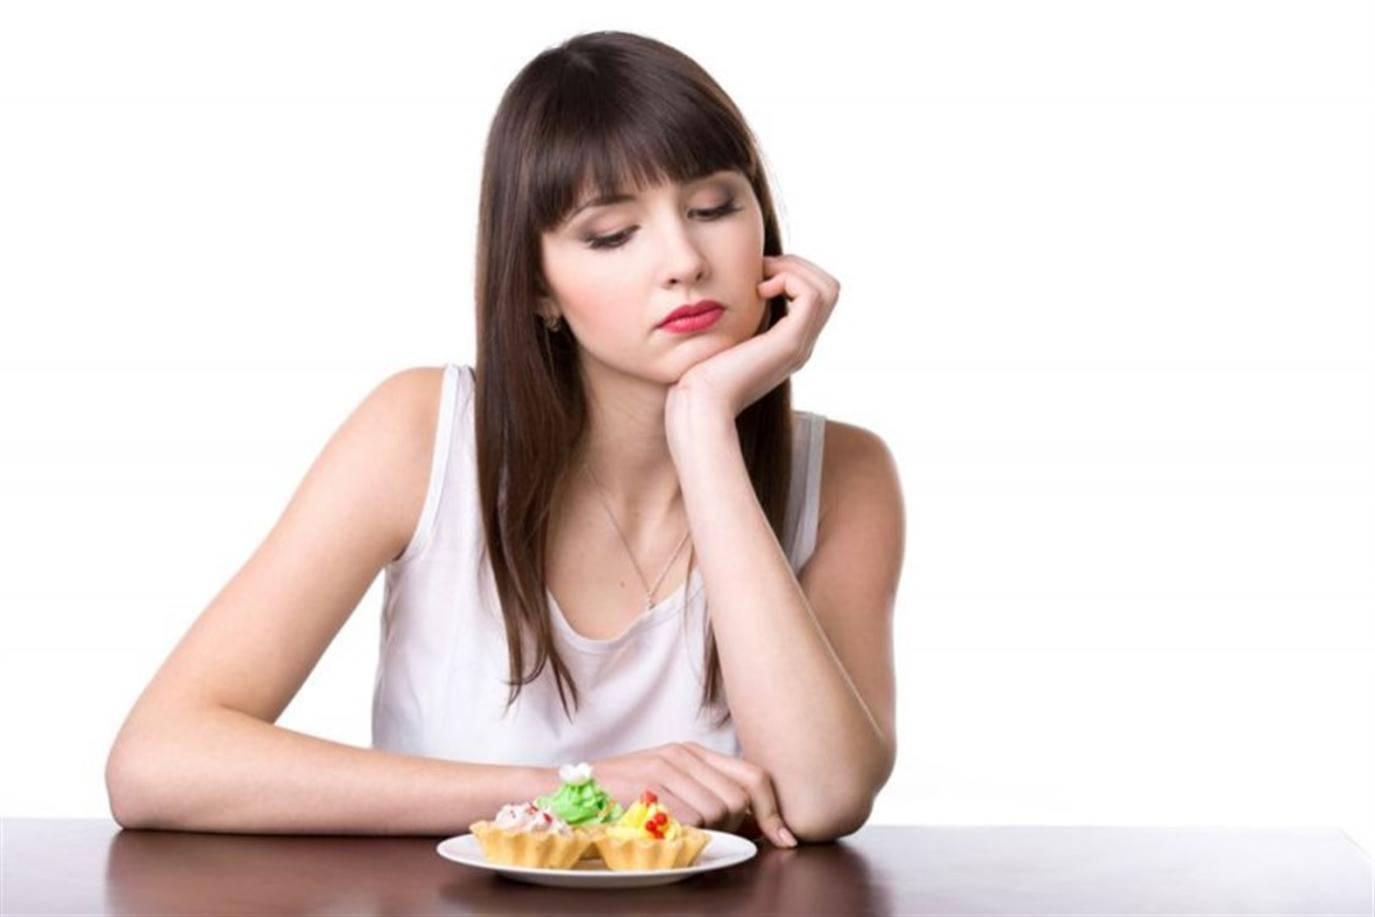 صورة لعدم الرغبة فى تناول الطعام